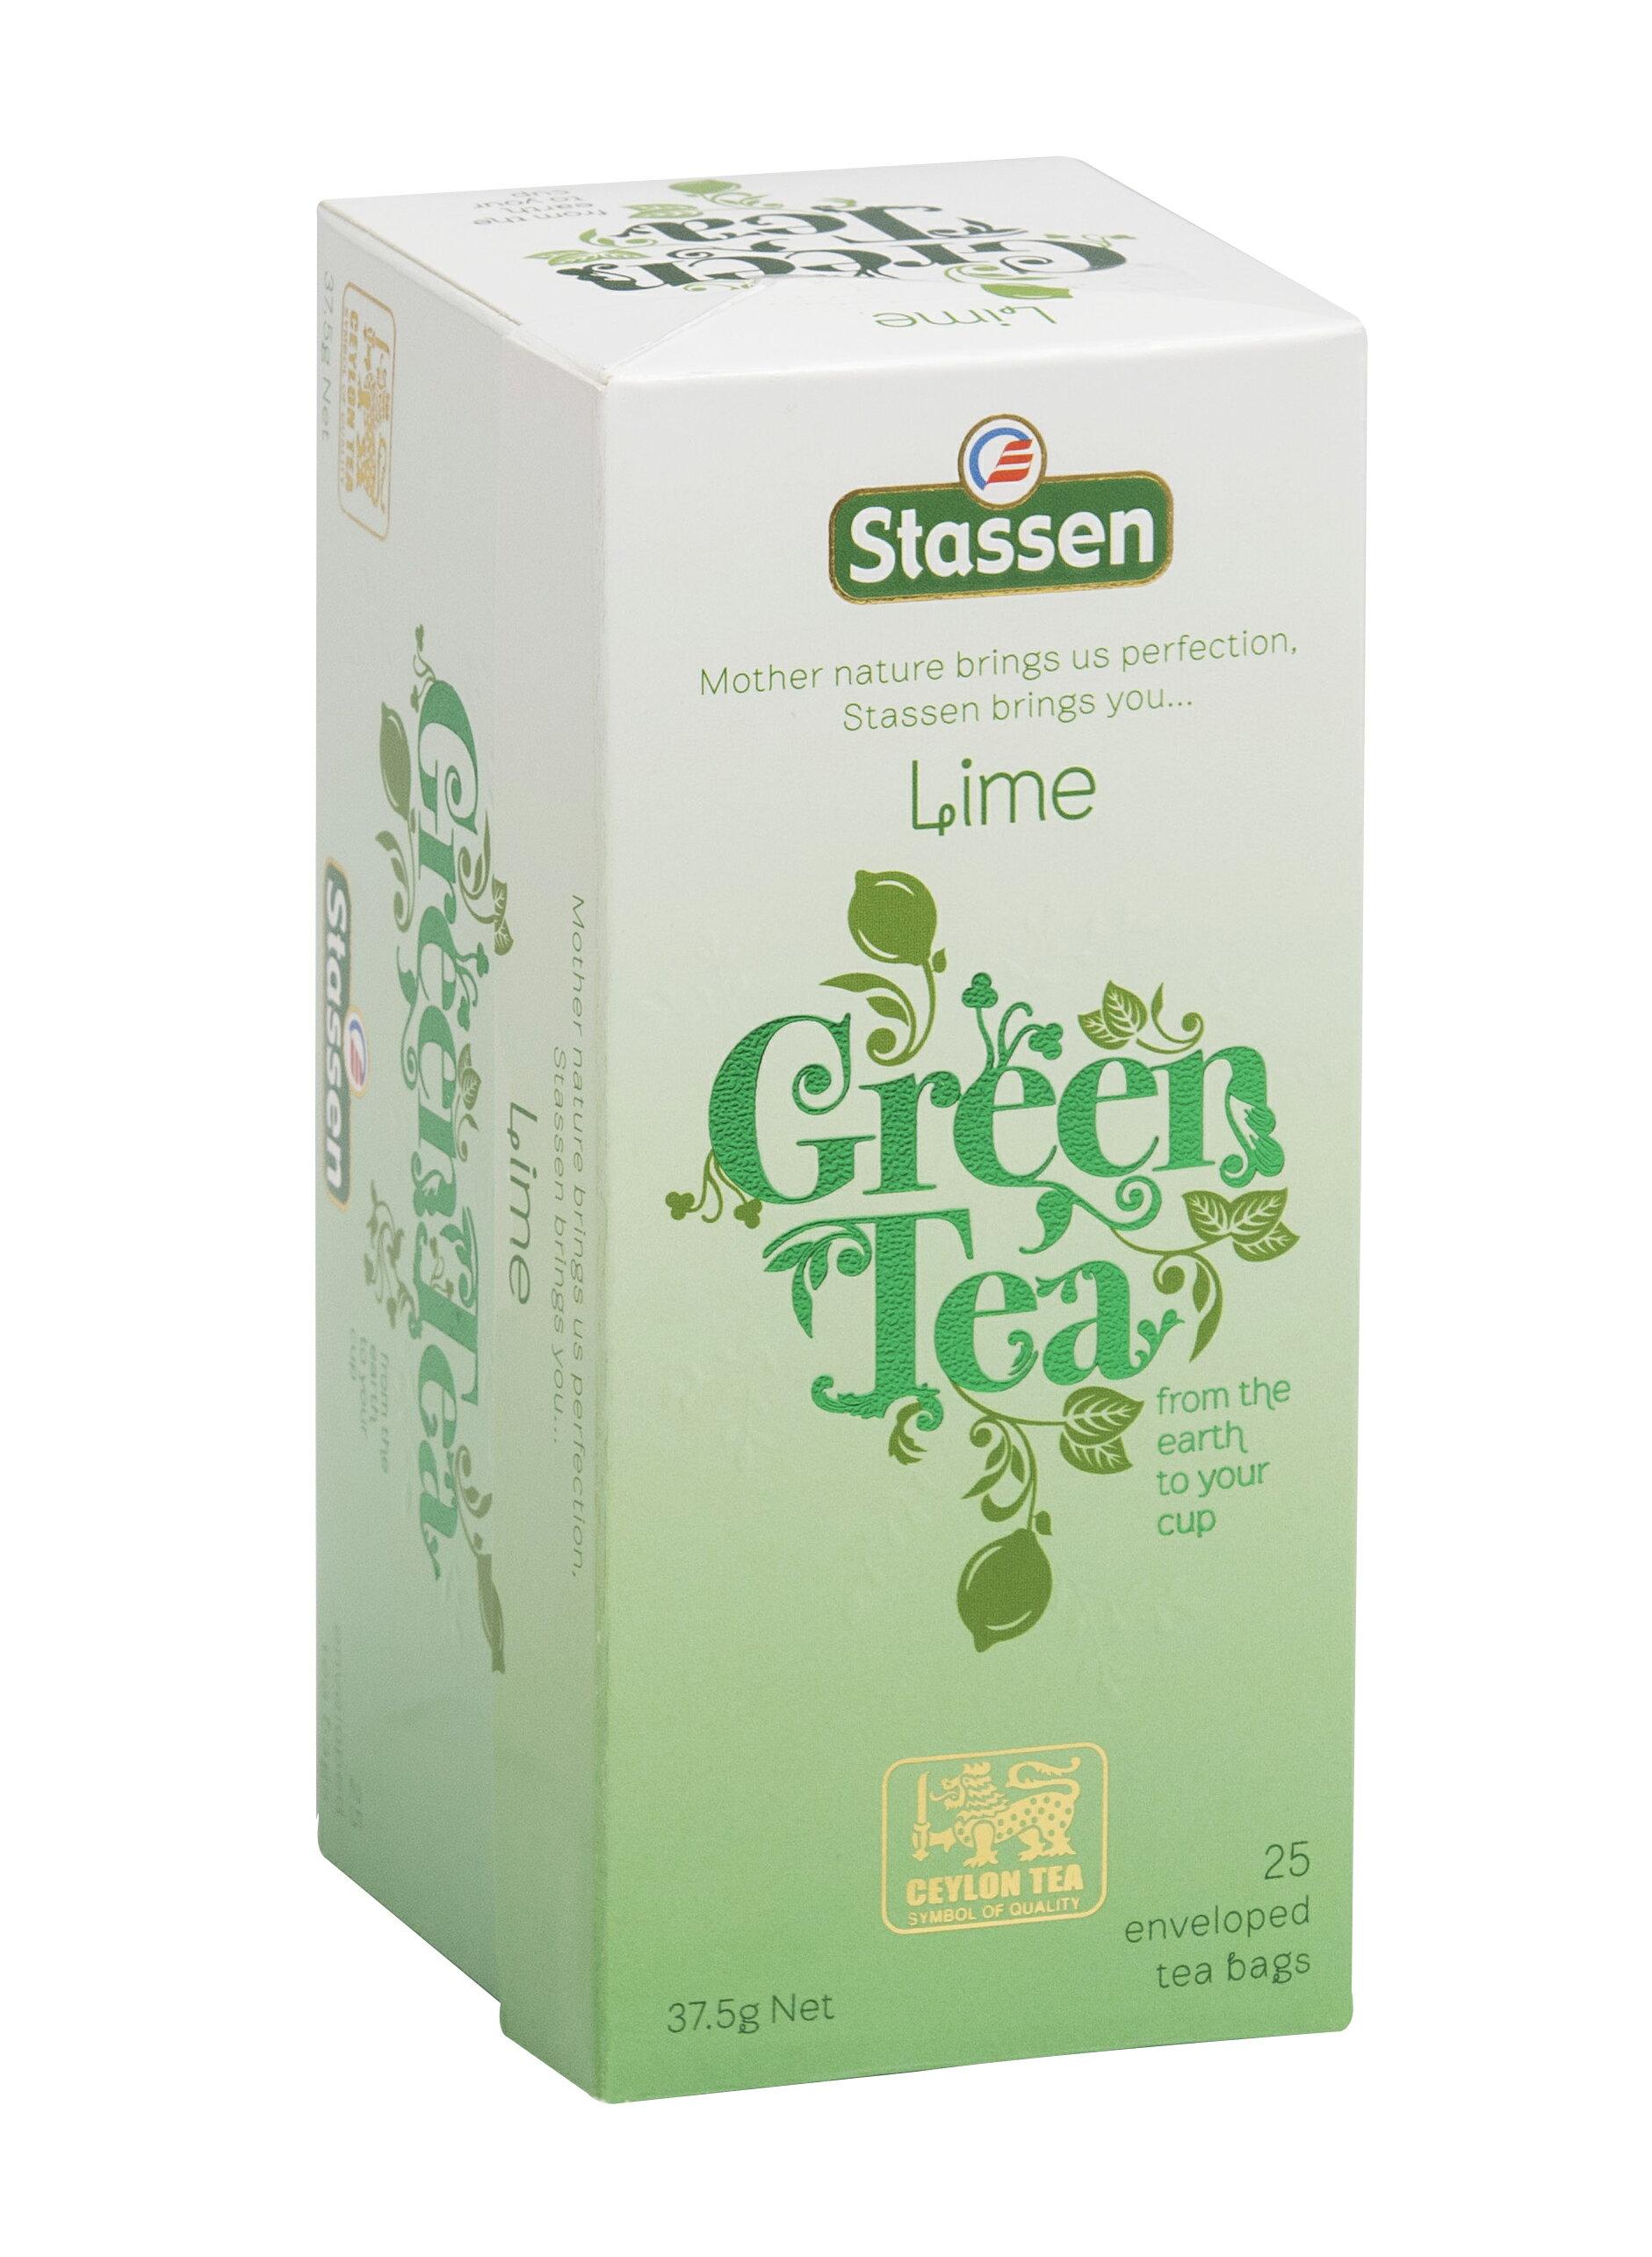  Stassen 司迪生★萊姆綠茶★【25入*1盒】❤買一送一